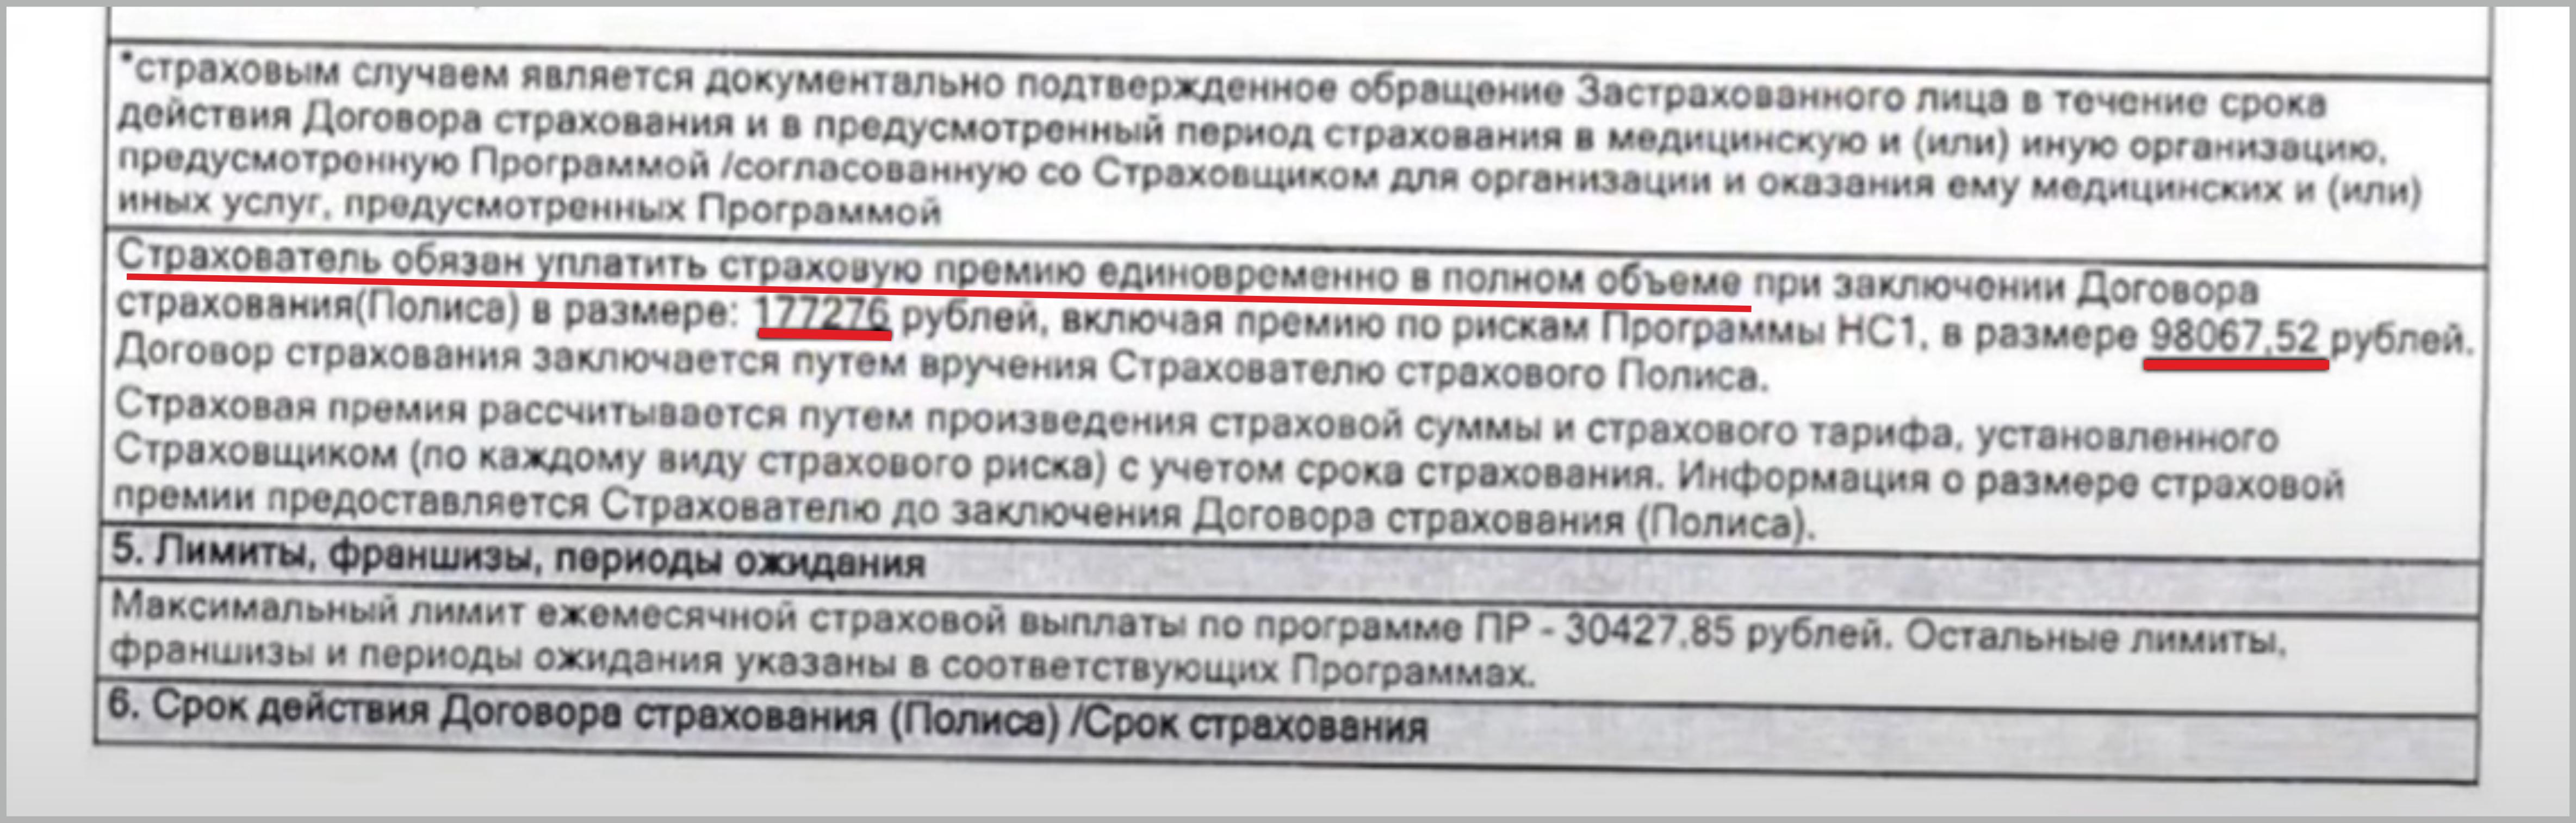 """Как вернуть страховку по кредиту Банк """"Открытие"""": пошаговая инструкция 2021 года"""